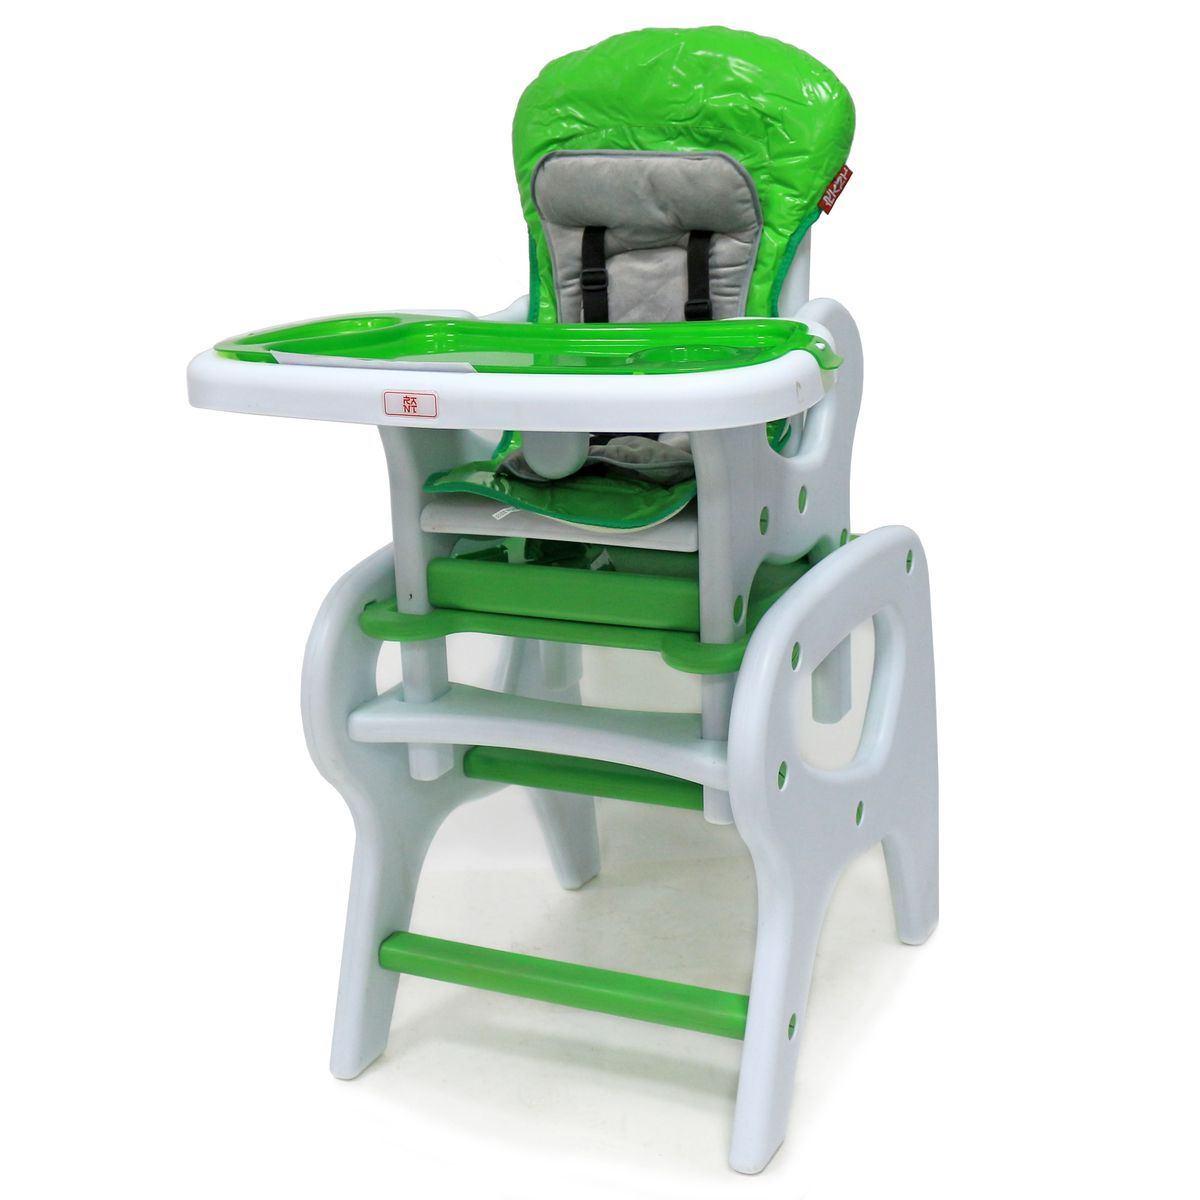 Rant Стульчик для кормления комбинированный детский Maxim цвет зеленый -  Все для детского кормления